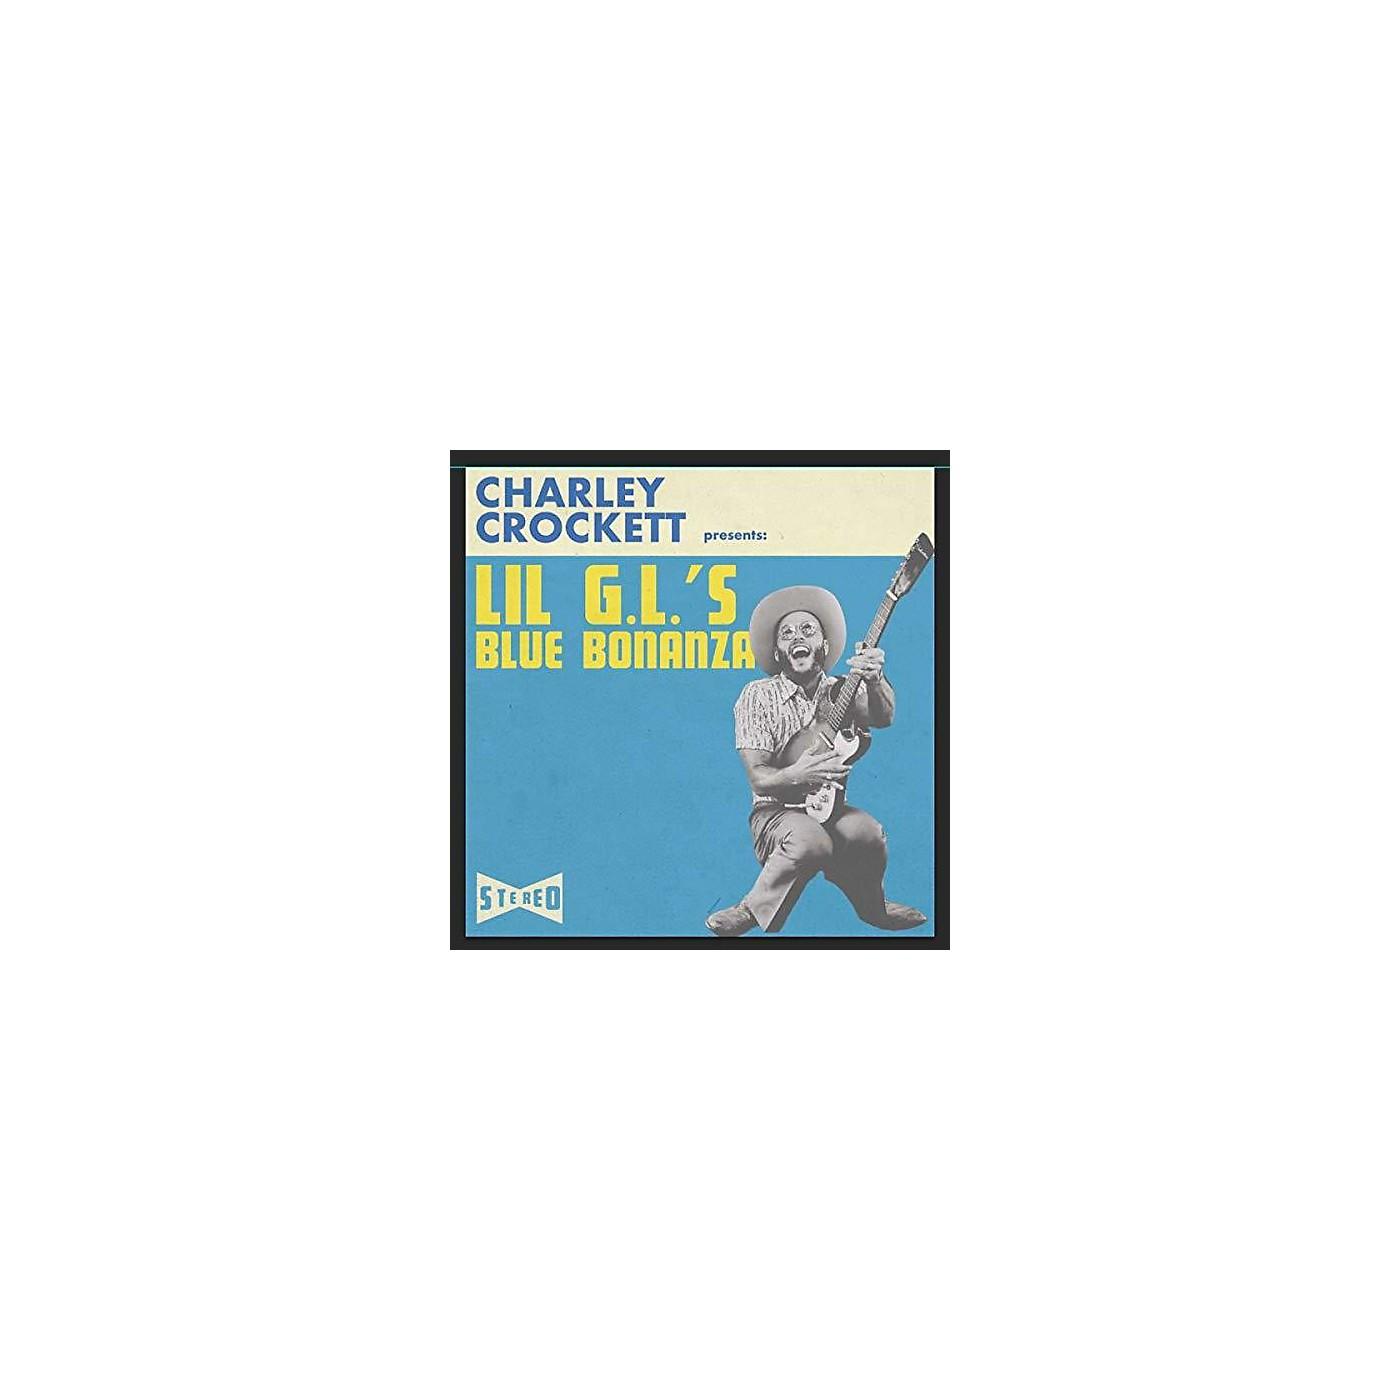 Alliance Charley Crockett - Lil G.l.'s Blue Bonanza thumbnail